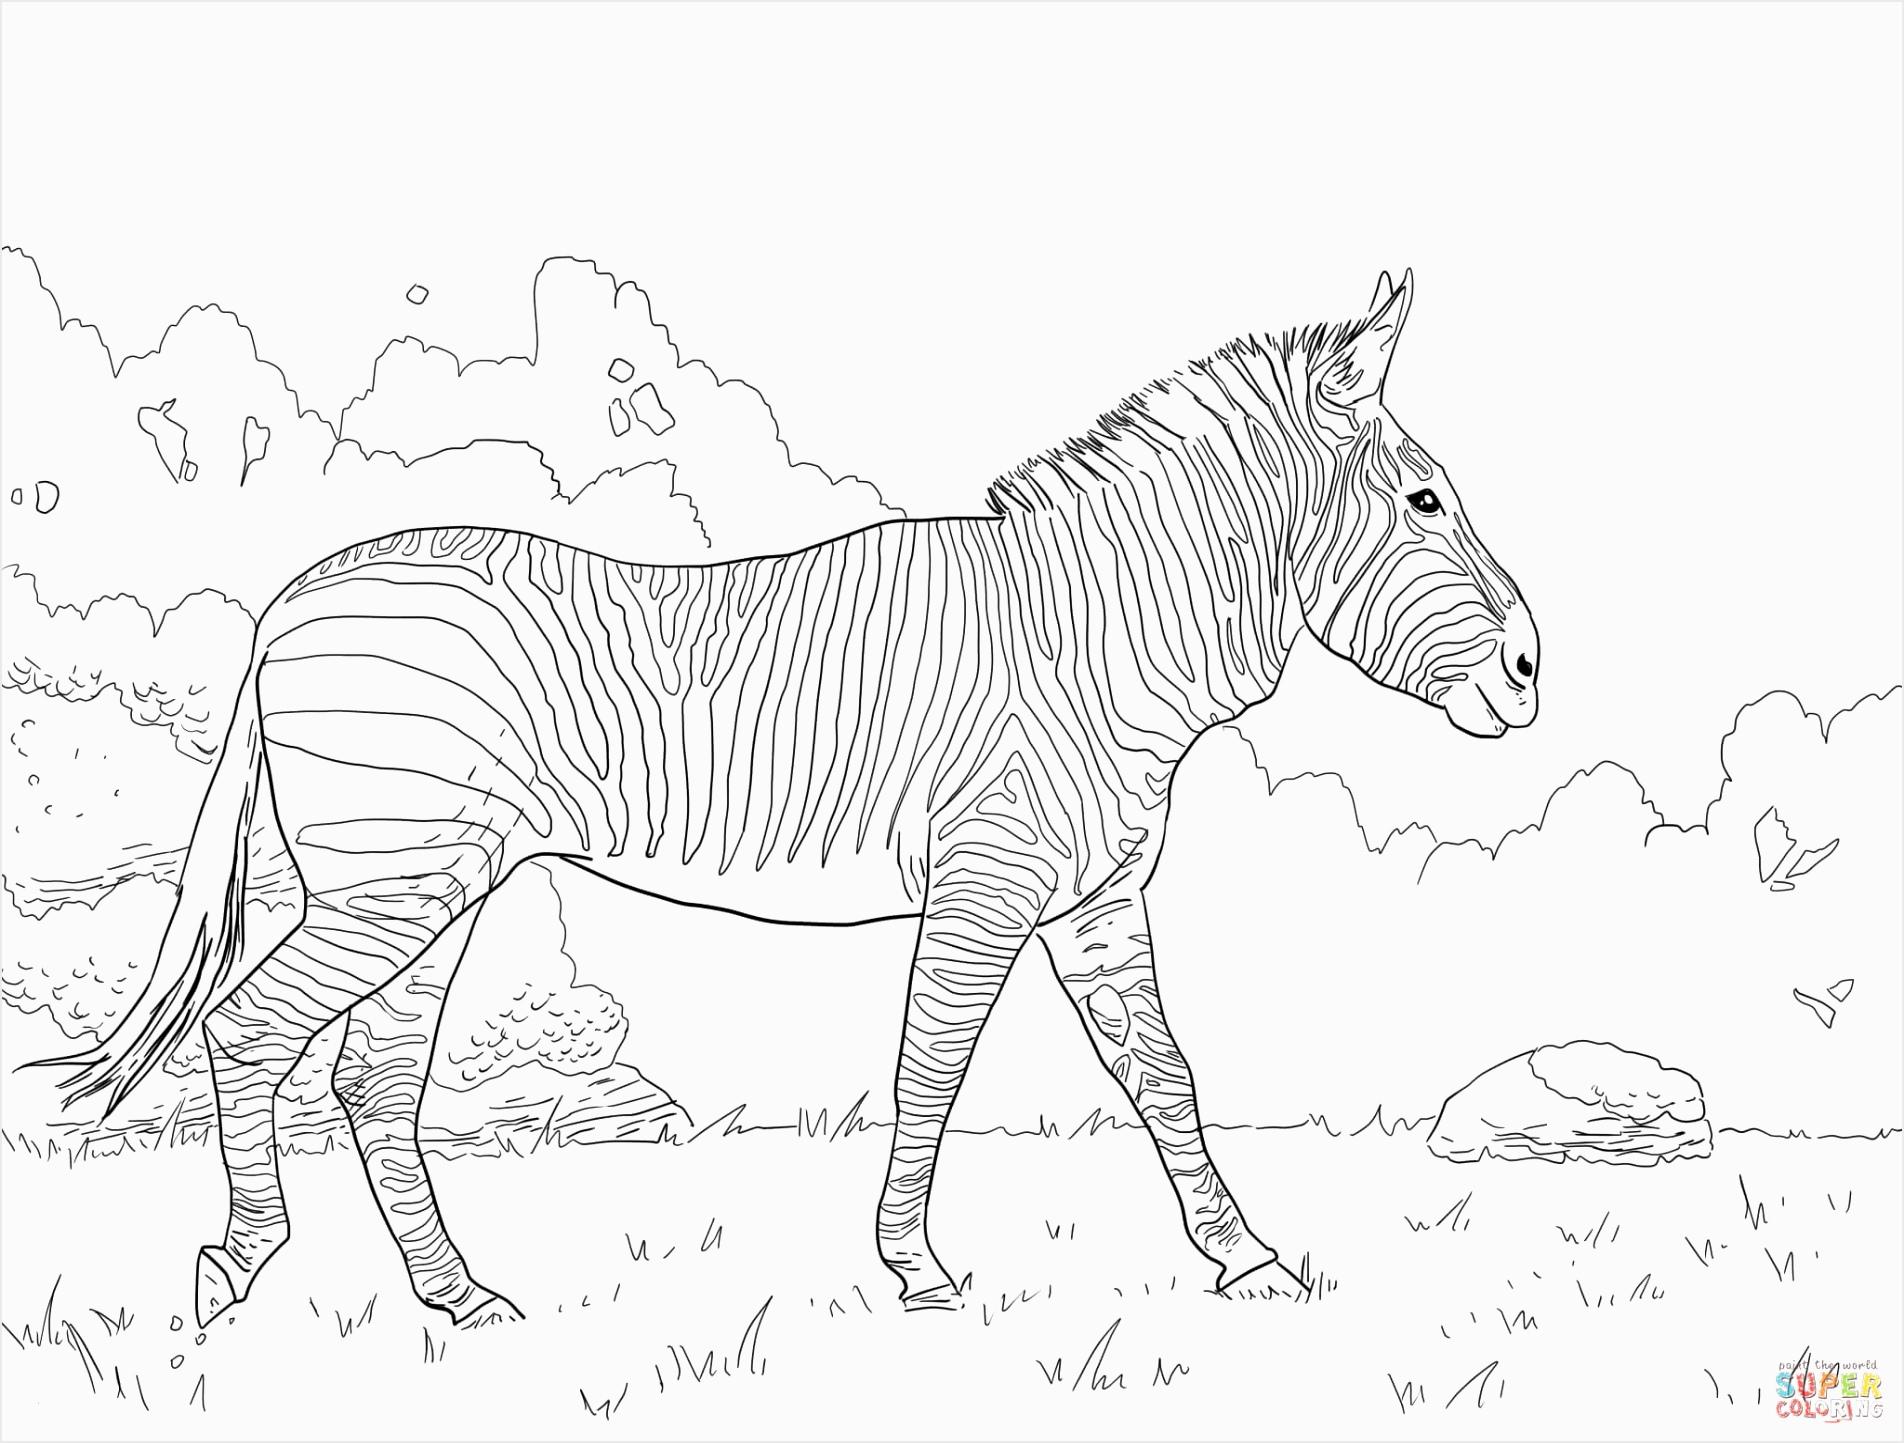 ausmalbilder zum ausdrucken pferde pferde zum ausdrucken schon ausmalbilder pferde gratis zum of ausmalbilder zum ausdrucken pferde iabuu